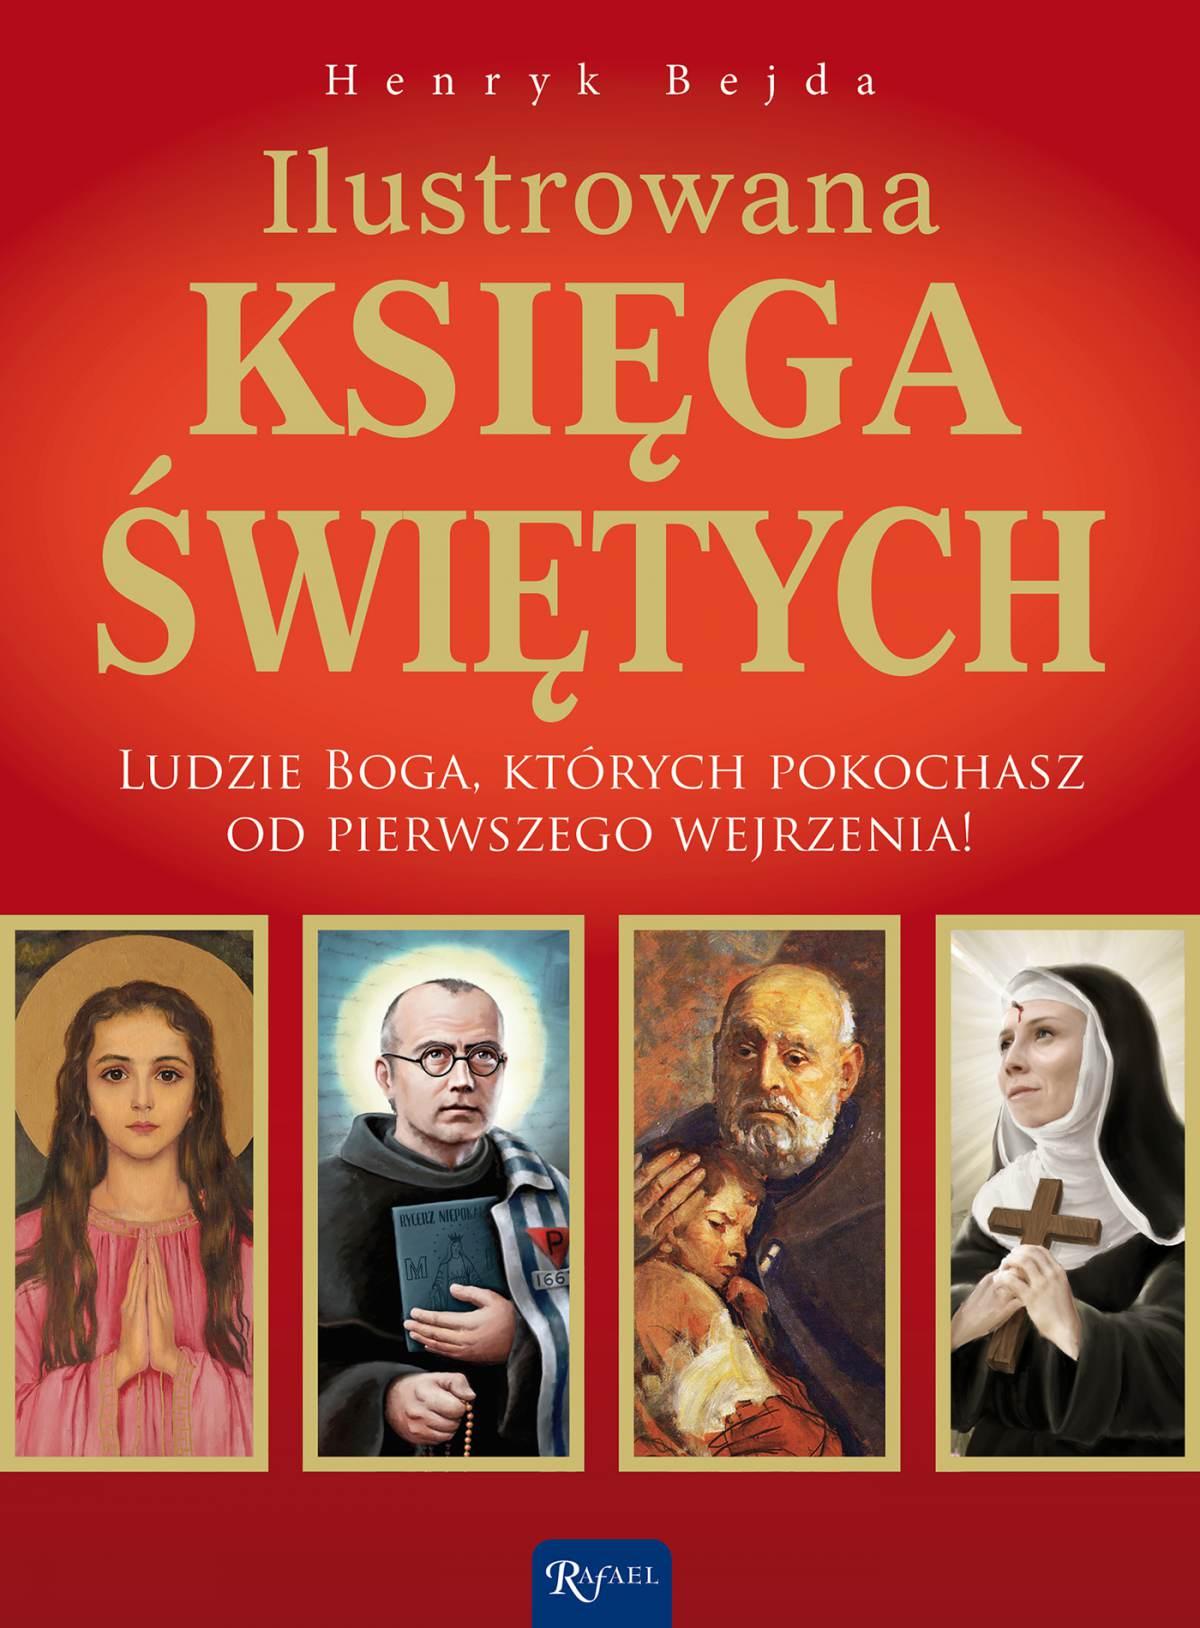 Ilustrowana księga świętych - Ebook (Książka na Kindle) do pobrania w formacie MOBI